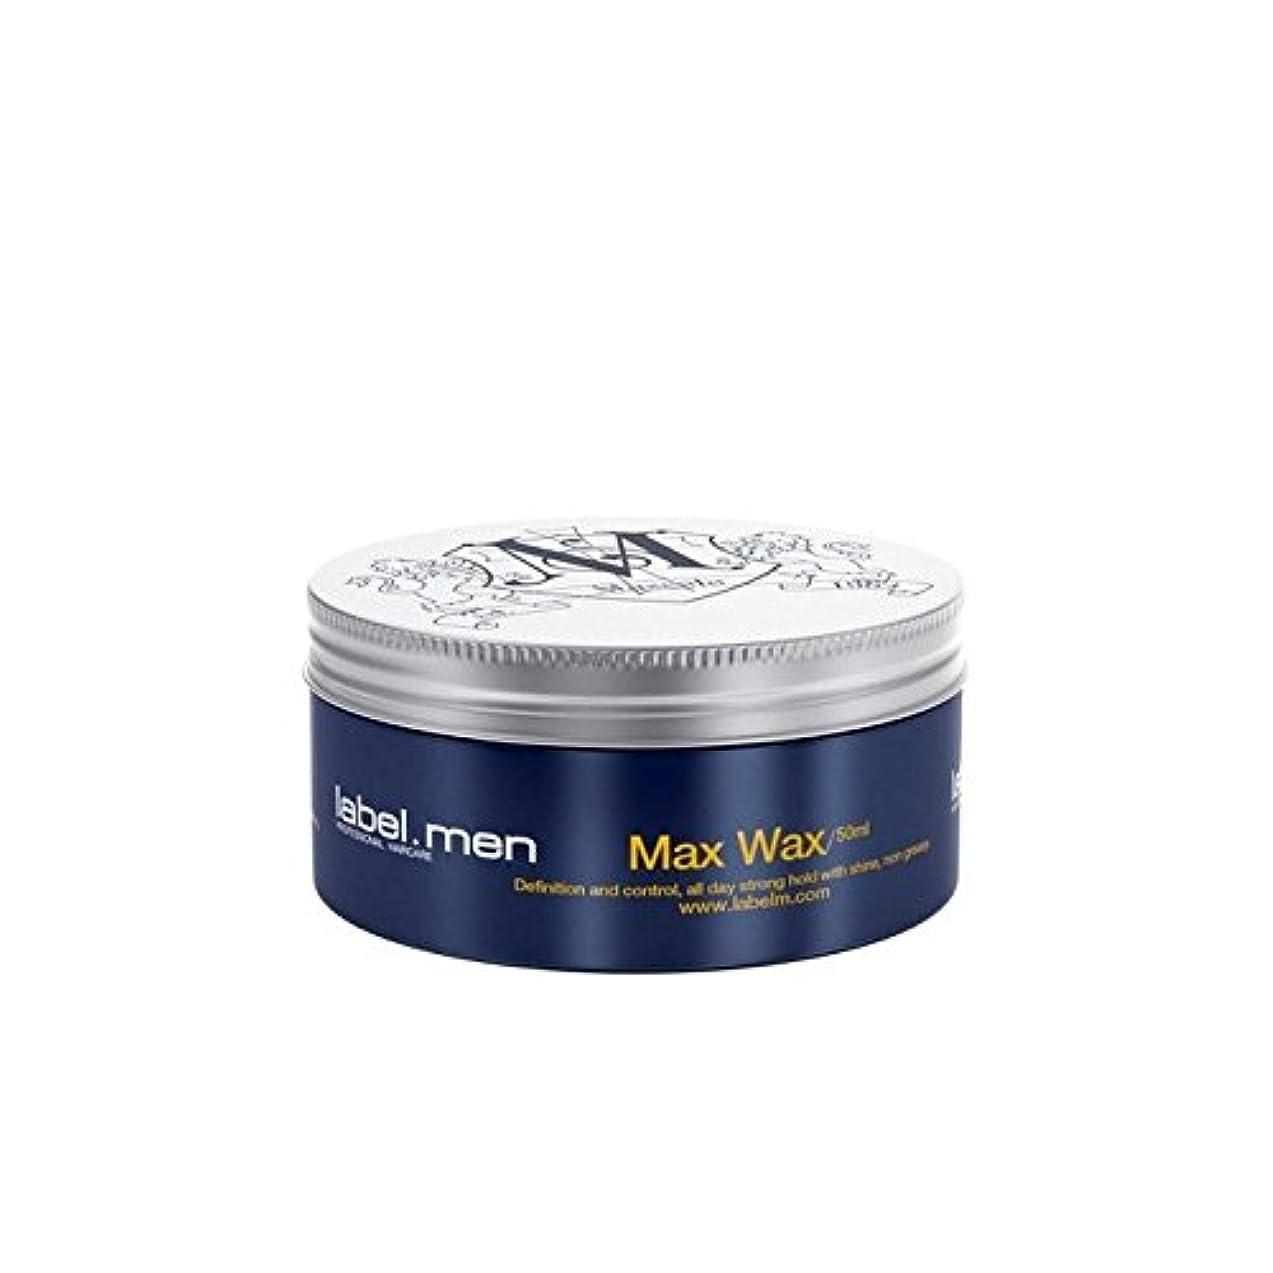 規範タバコ春.マックスワックス(50ミリリットル) x2 - Label.Men Max Wax (50ml) (Pack of 2) [並行輸入品]